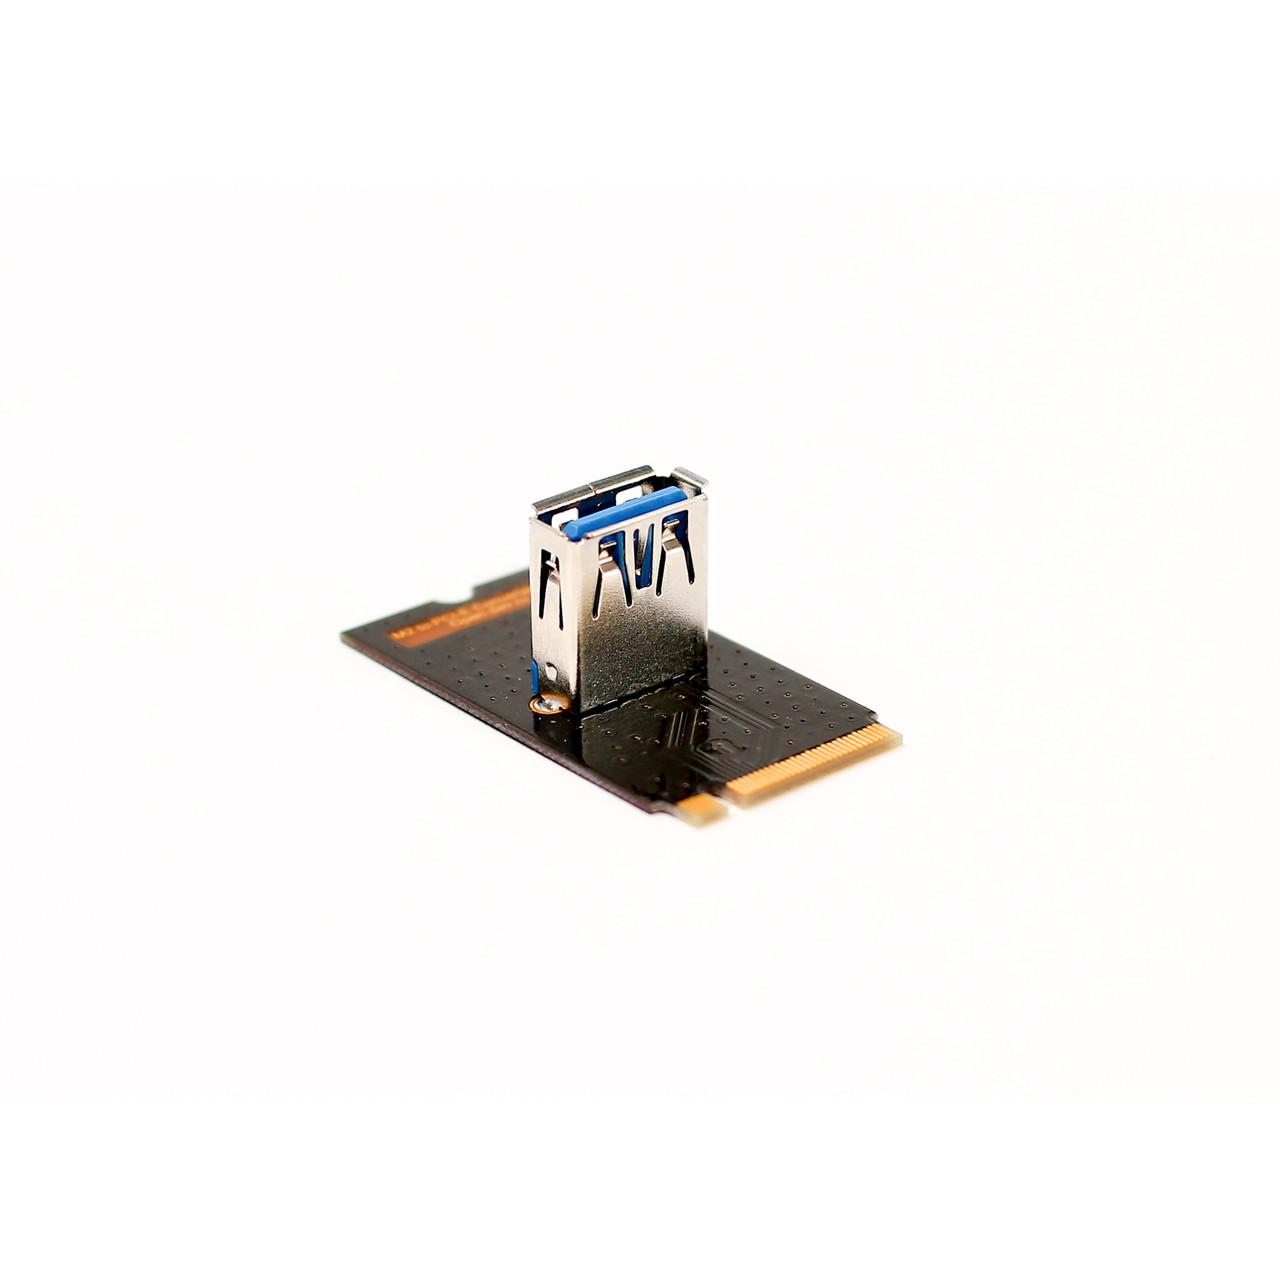 Переходник M2 на PCI-E USB 3.0 для райзера